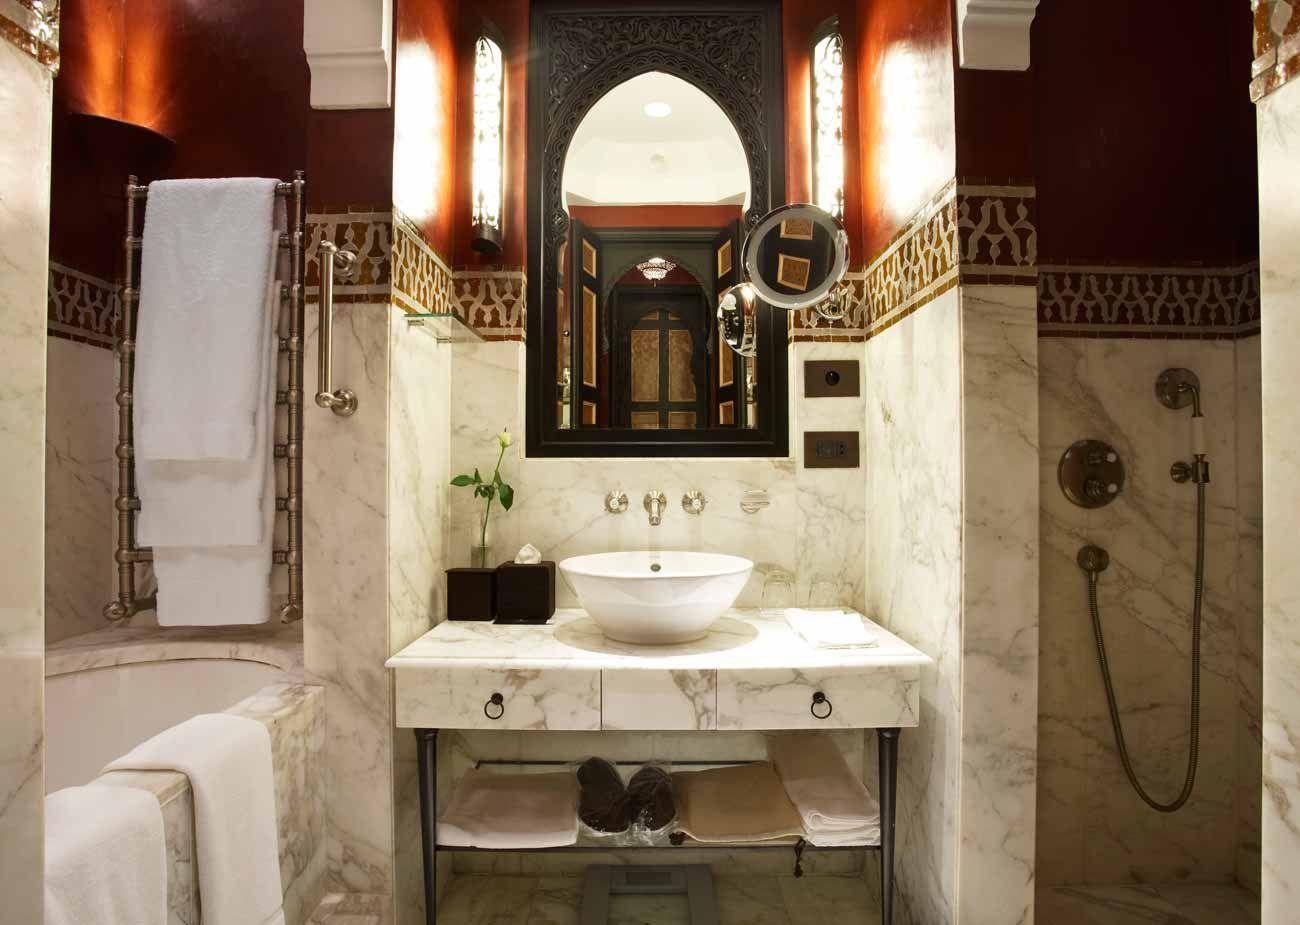 Chambres d 39 h tel de luxe marrakech la mamounia archi - Prix chambre hotel mamounia marrakech ...